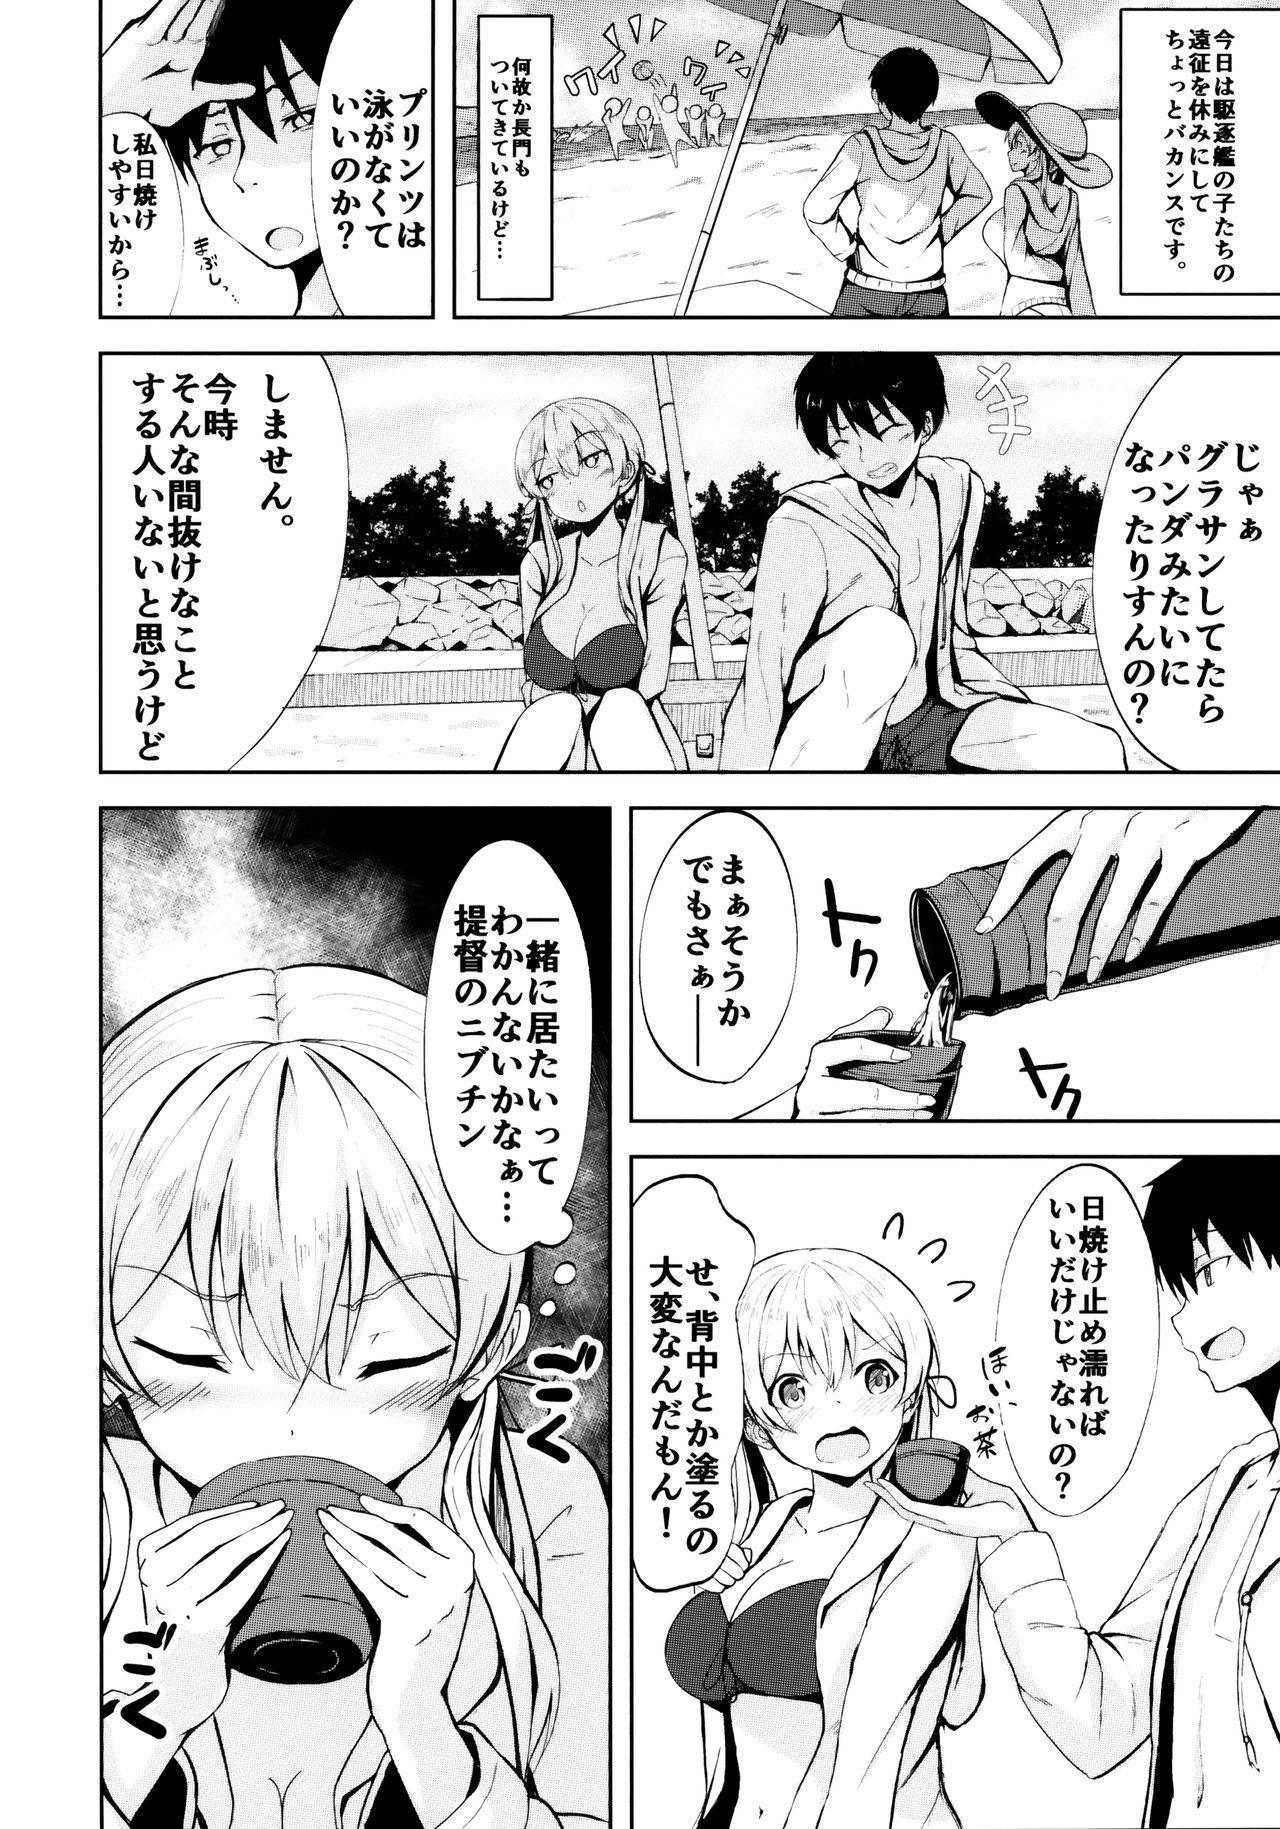 Natsu no Hamabe de Kimi to 3